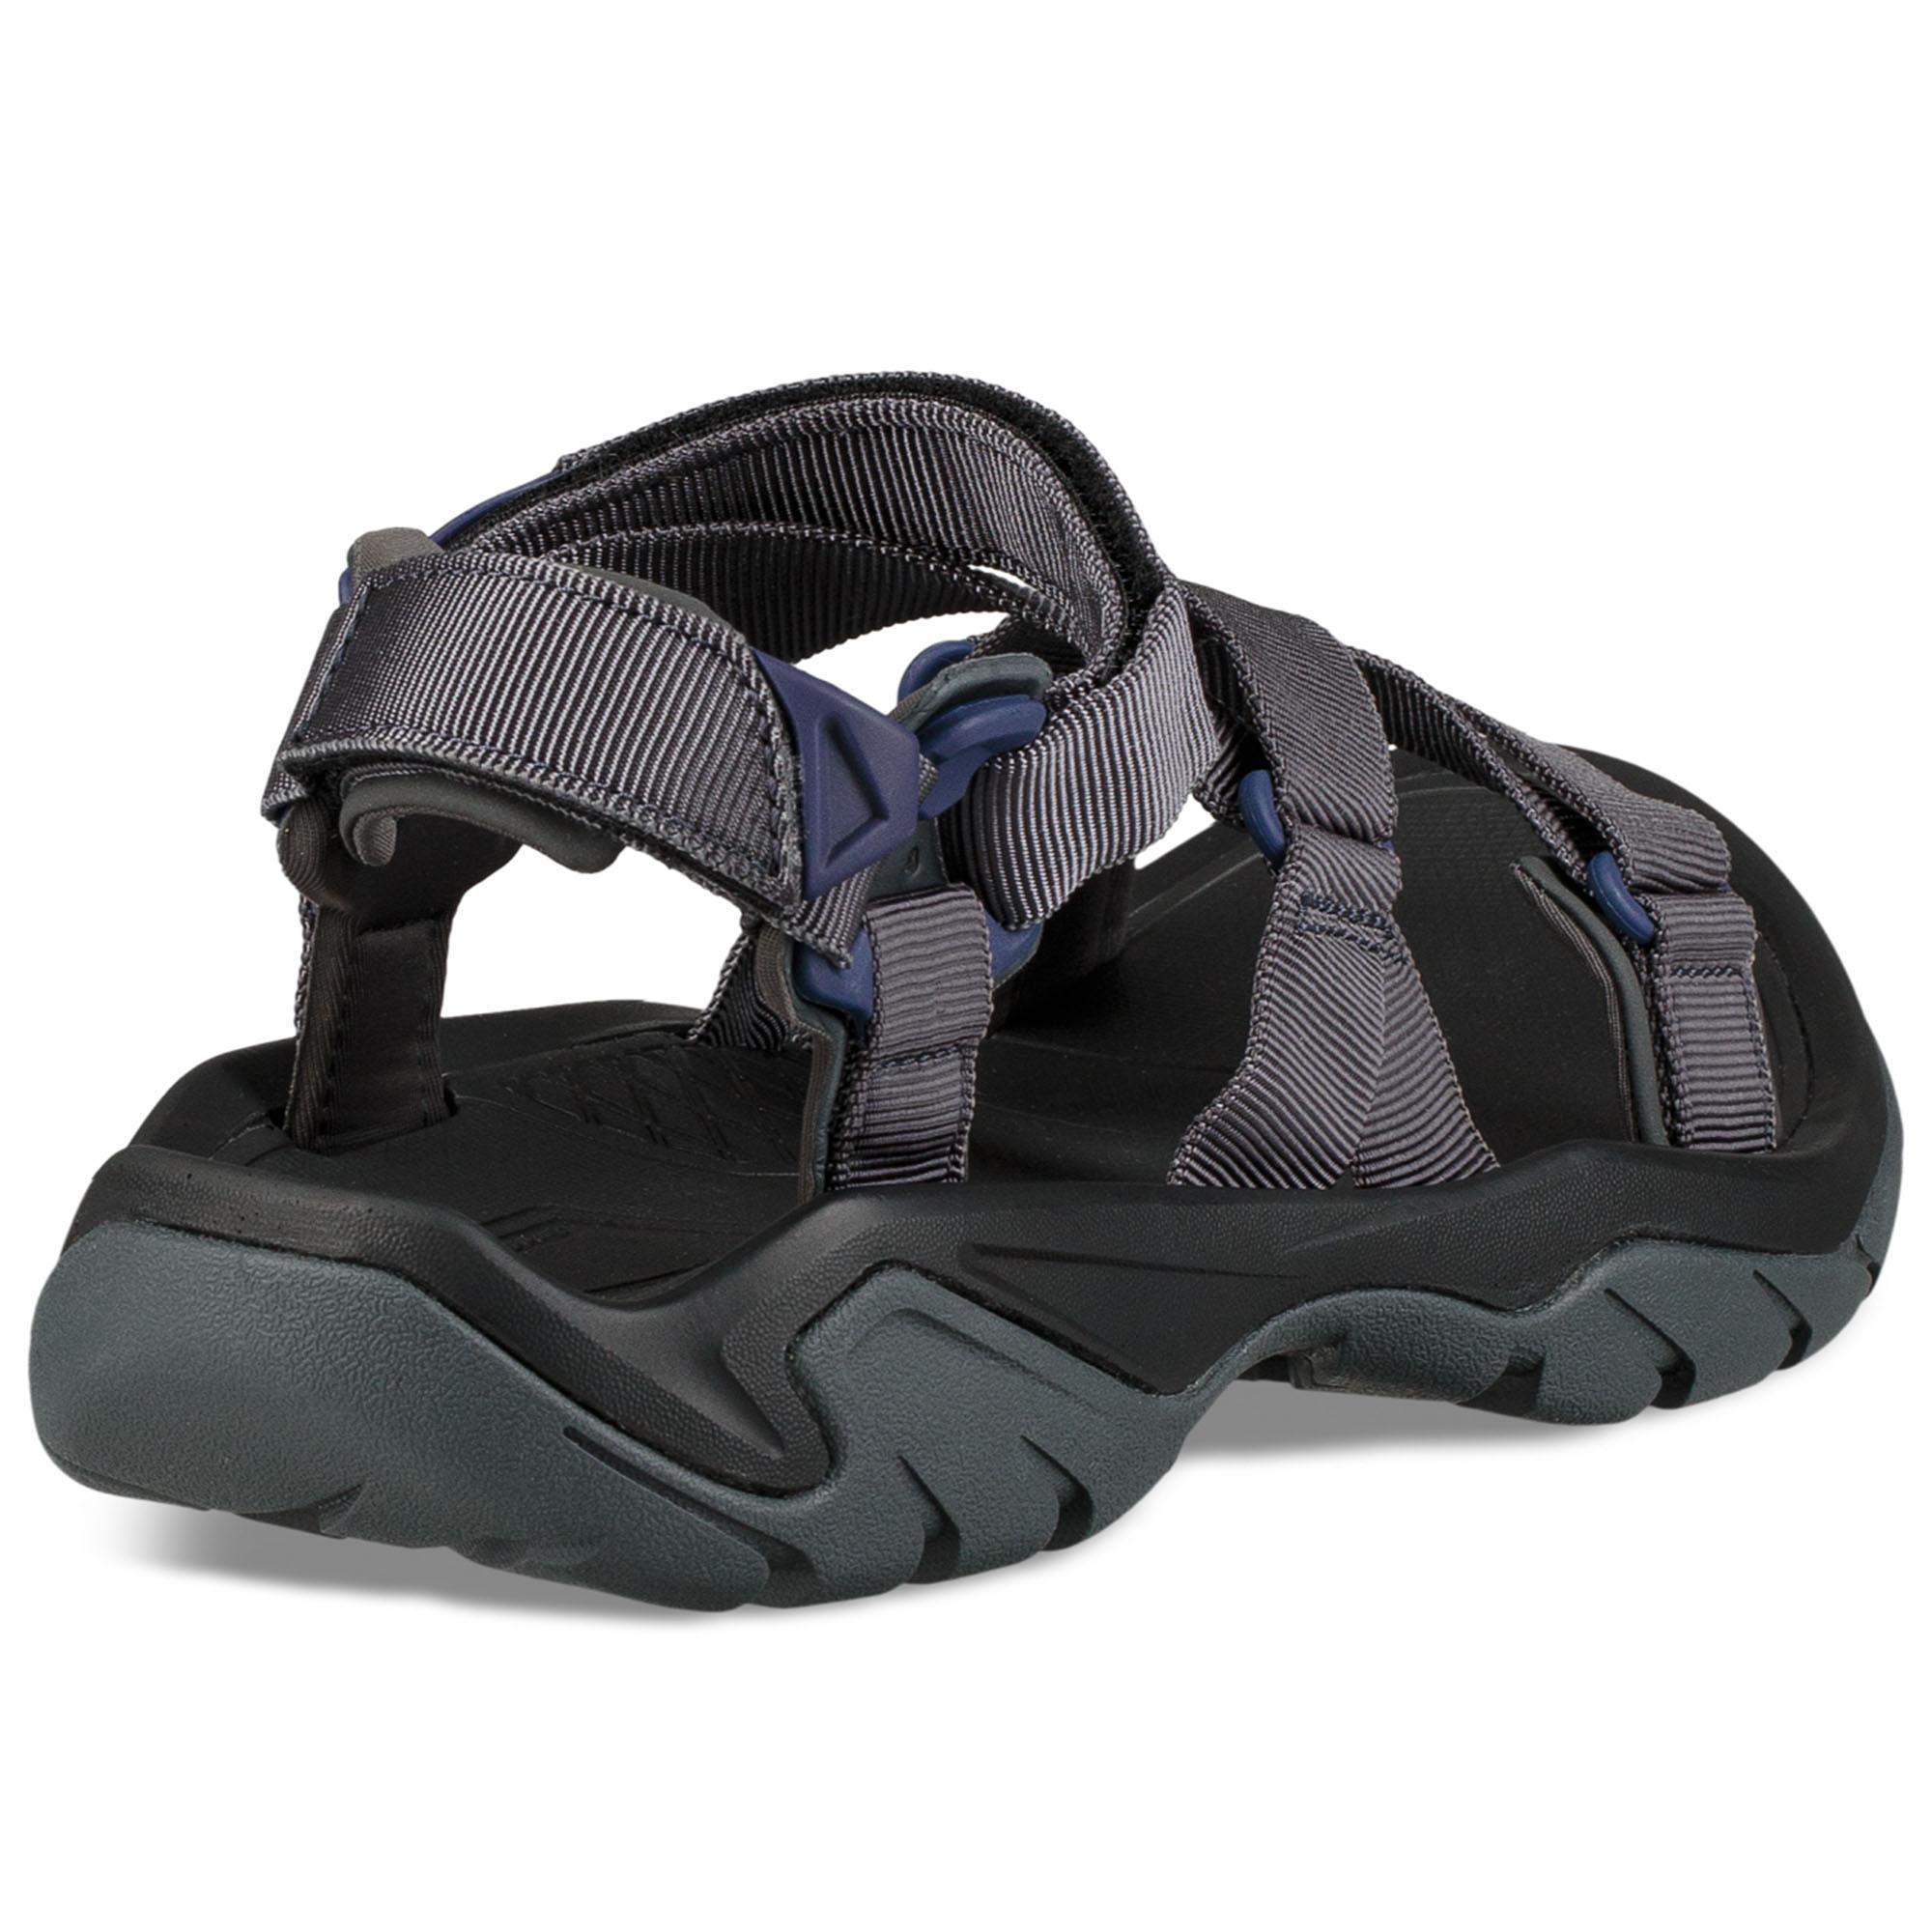 1353b7fbc2 Teva Men's Terra Fi 5 Sport Hiking Sandals - Sun & Ski Sports